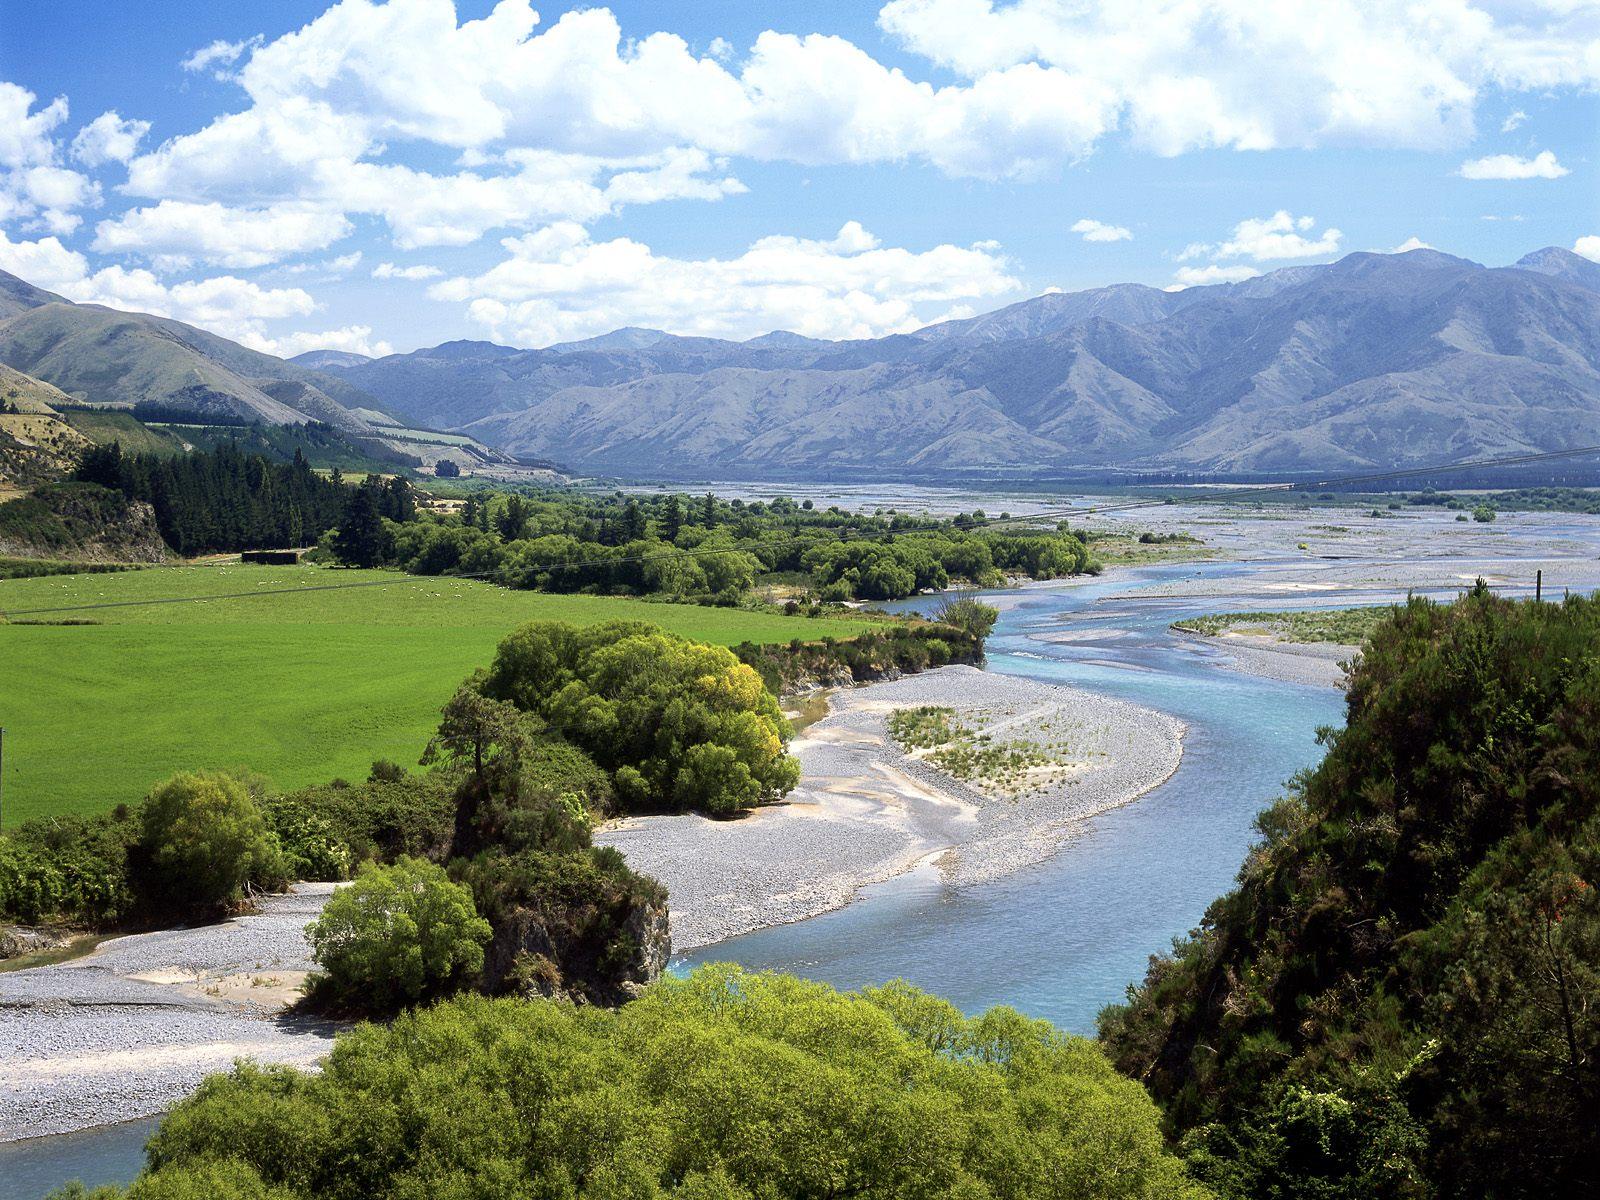 Nueva Zelanda Hd: Naturaleza Y Paisajes De Nueva Zelanda En